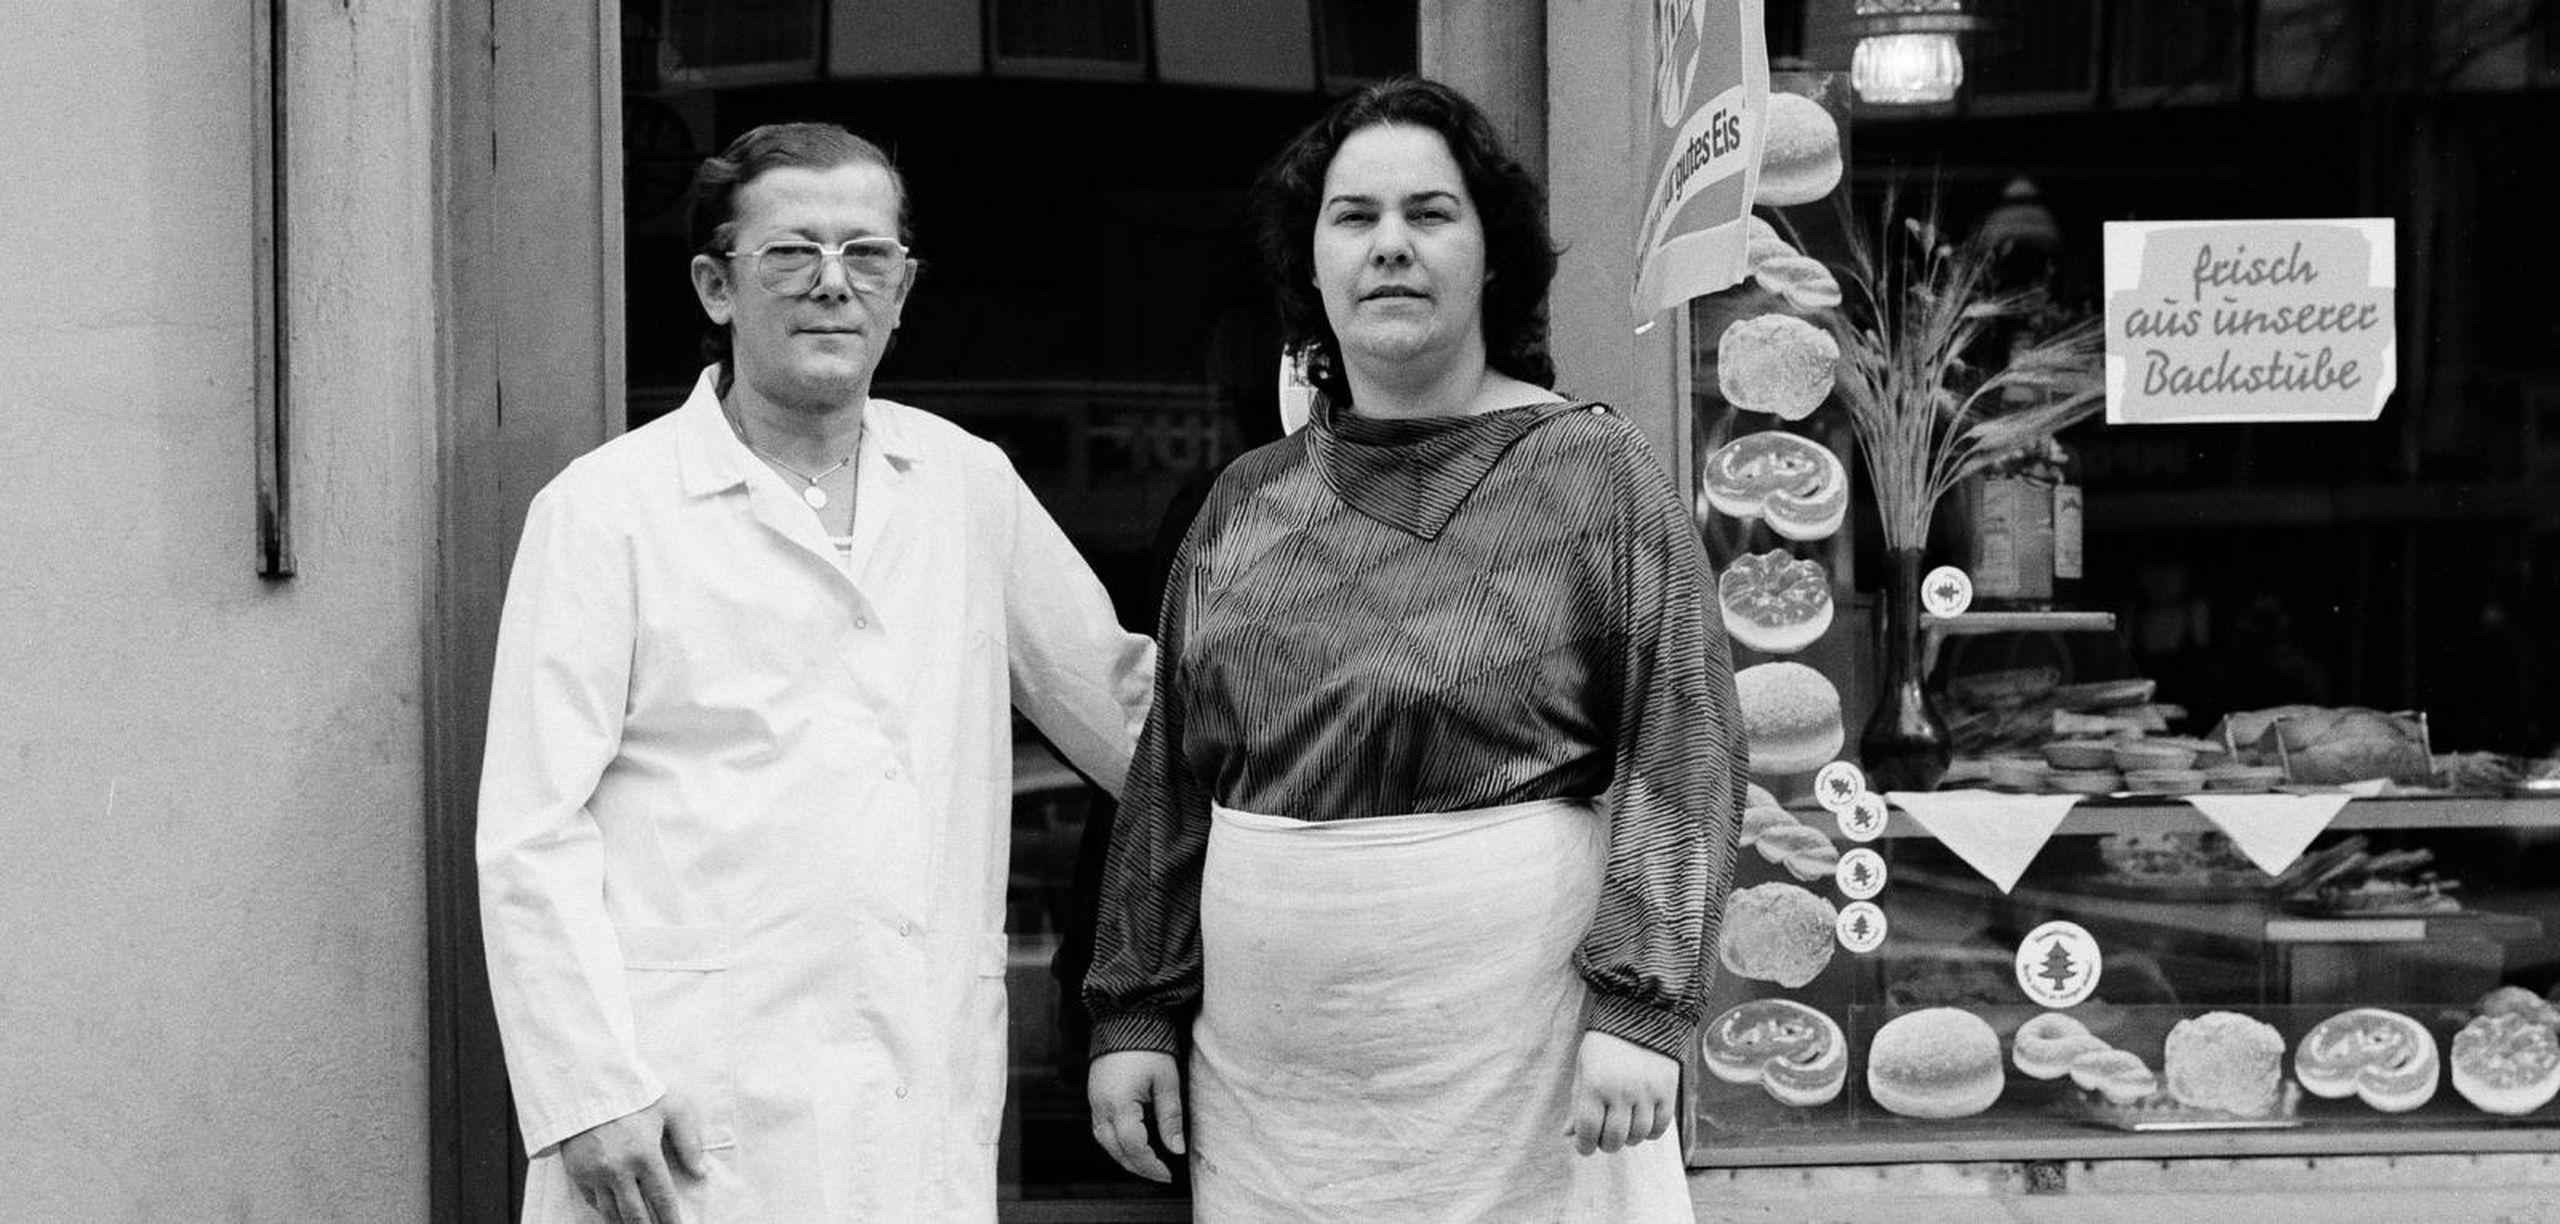 Das Ehepaar Dahms vor ihrem Bäckerladen, 1987